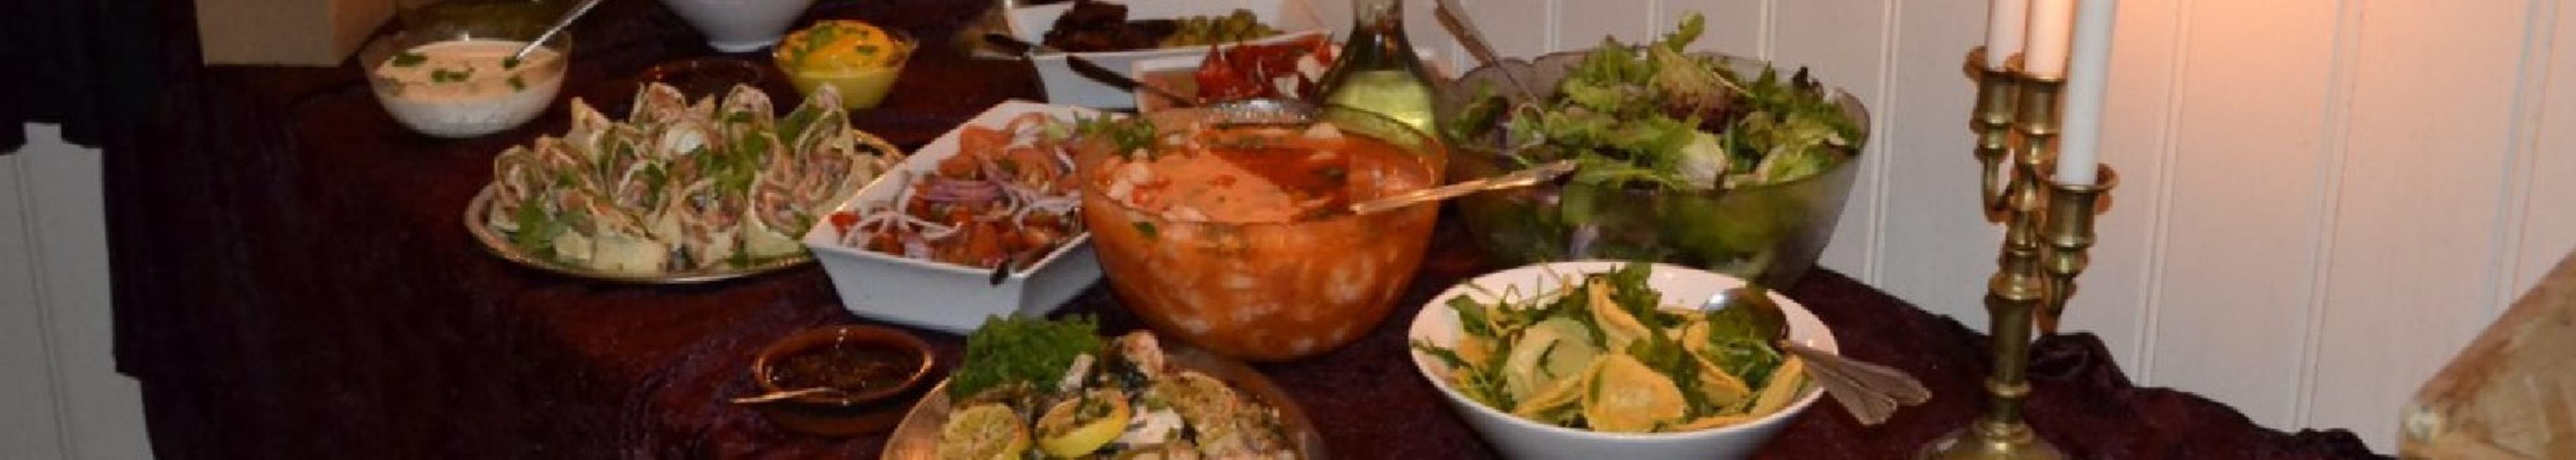 Ogge gjesteheim er kjent for sin gode mat og populære søndagsbuffet. Ogge gjesteheim ligger ved Ogge  3 km nord for Vatnestrøm